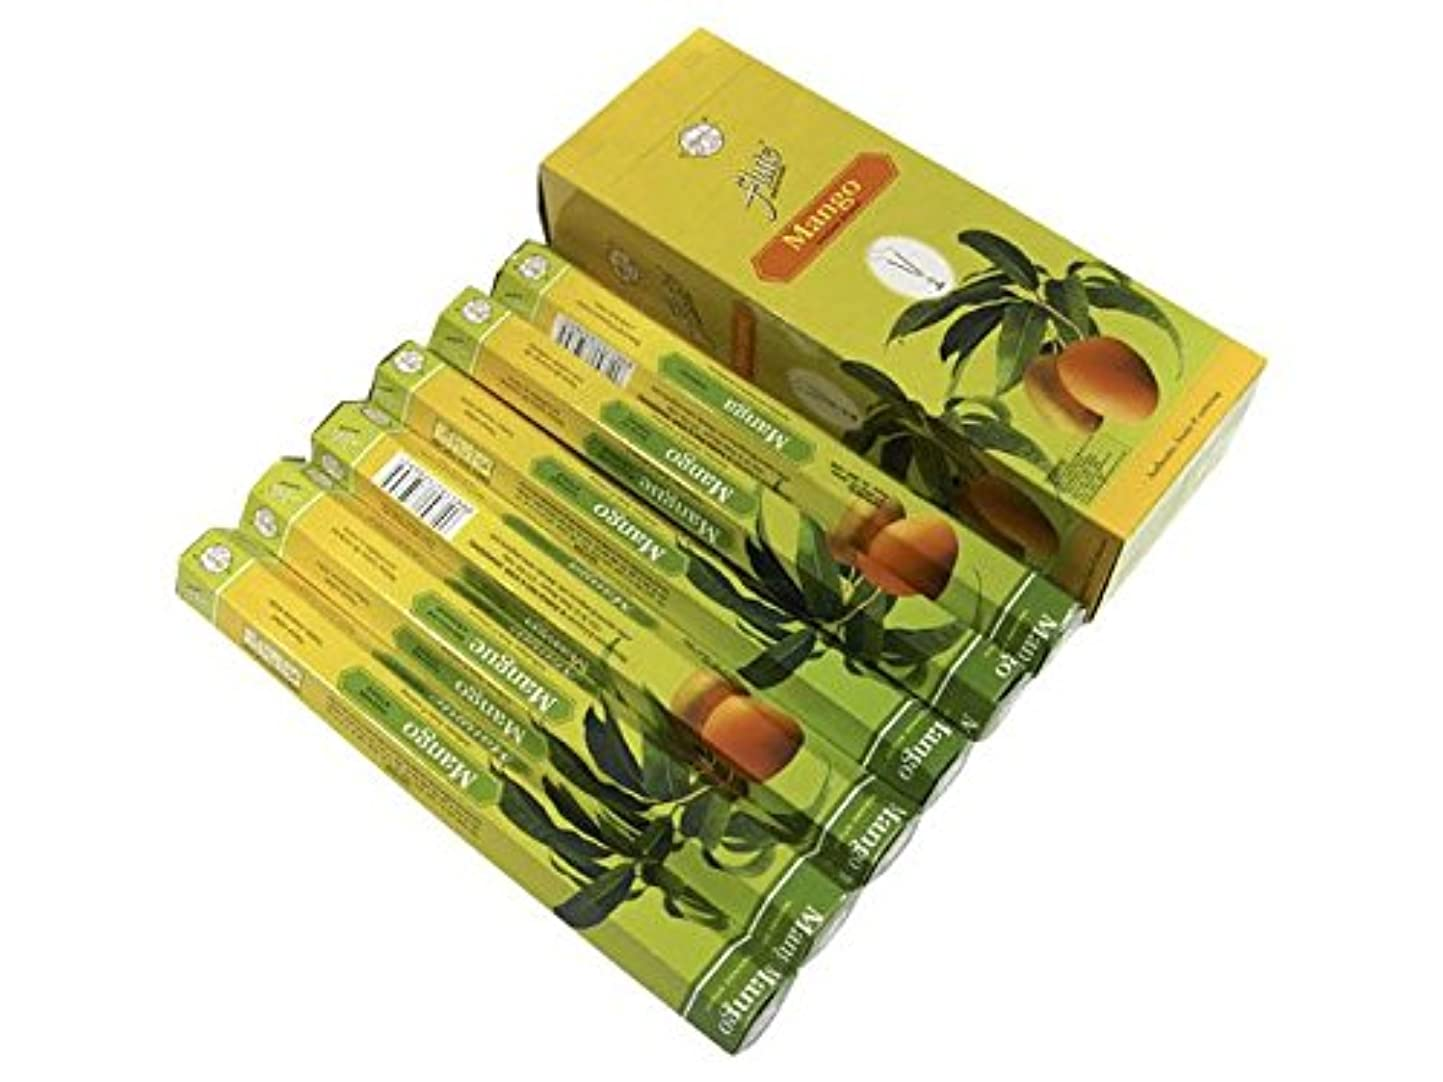 乱れ役職医薬品FLUTE(フルート) マンゴー香 スティック MANGO 6箱セット